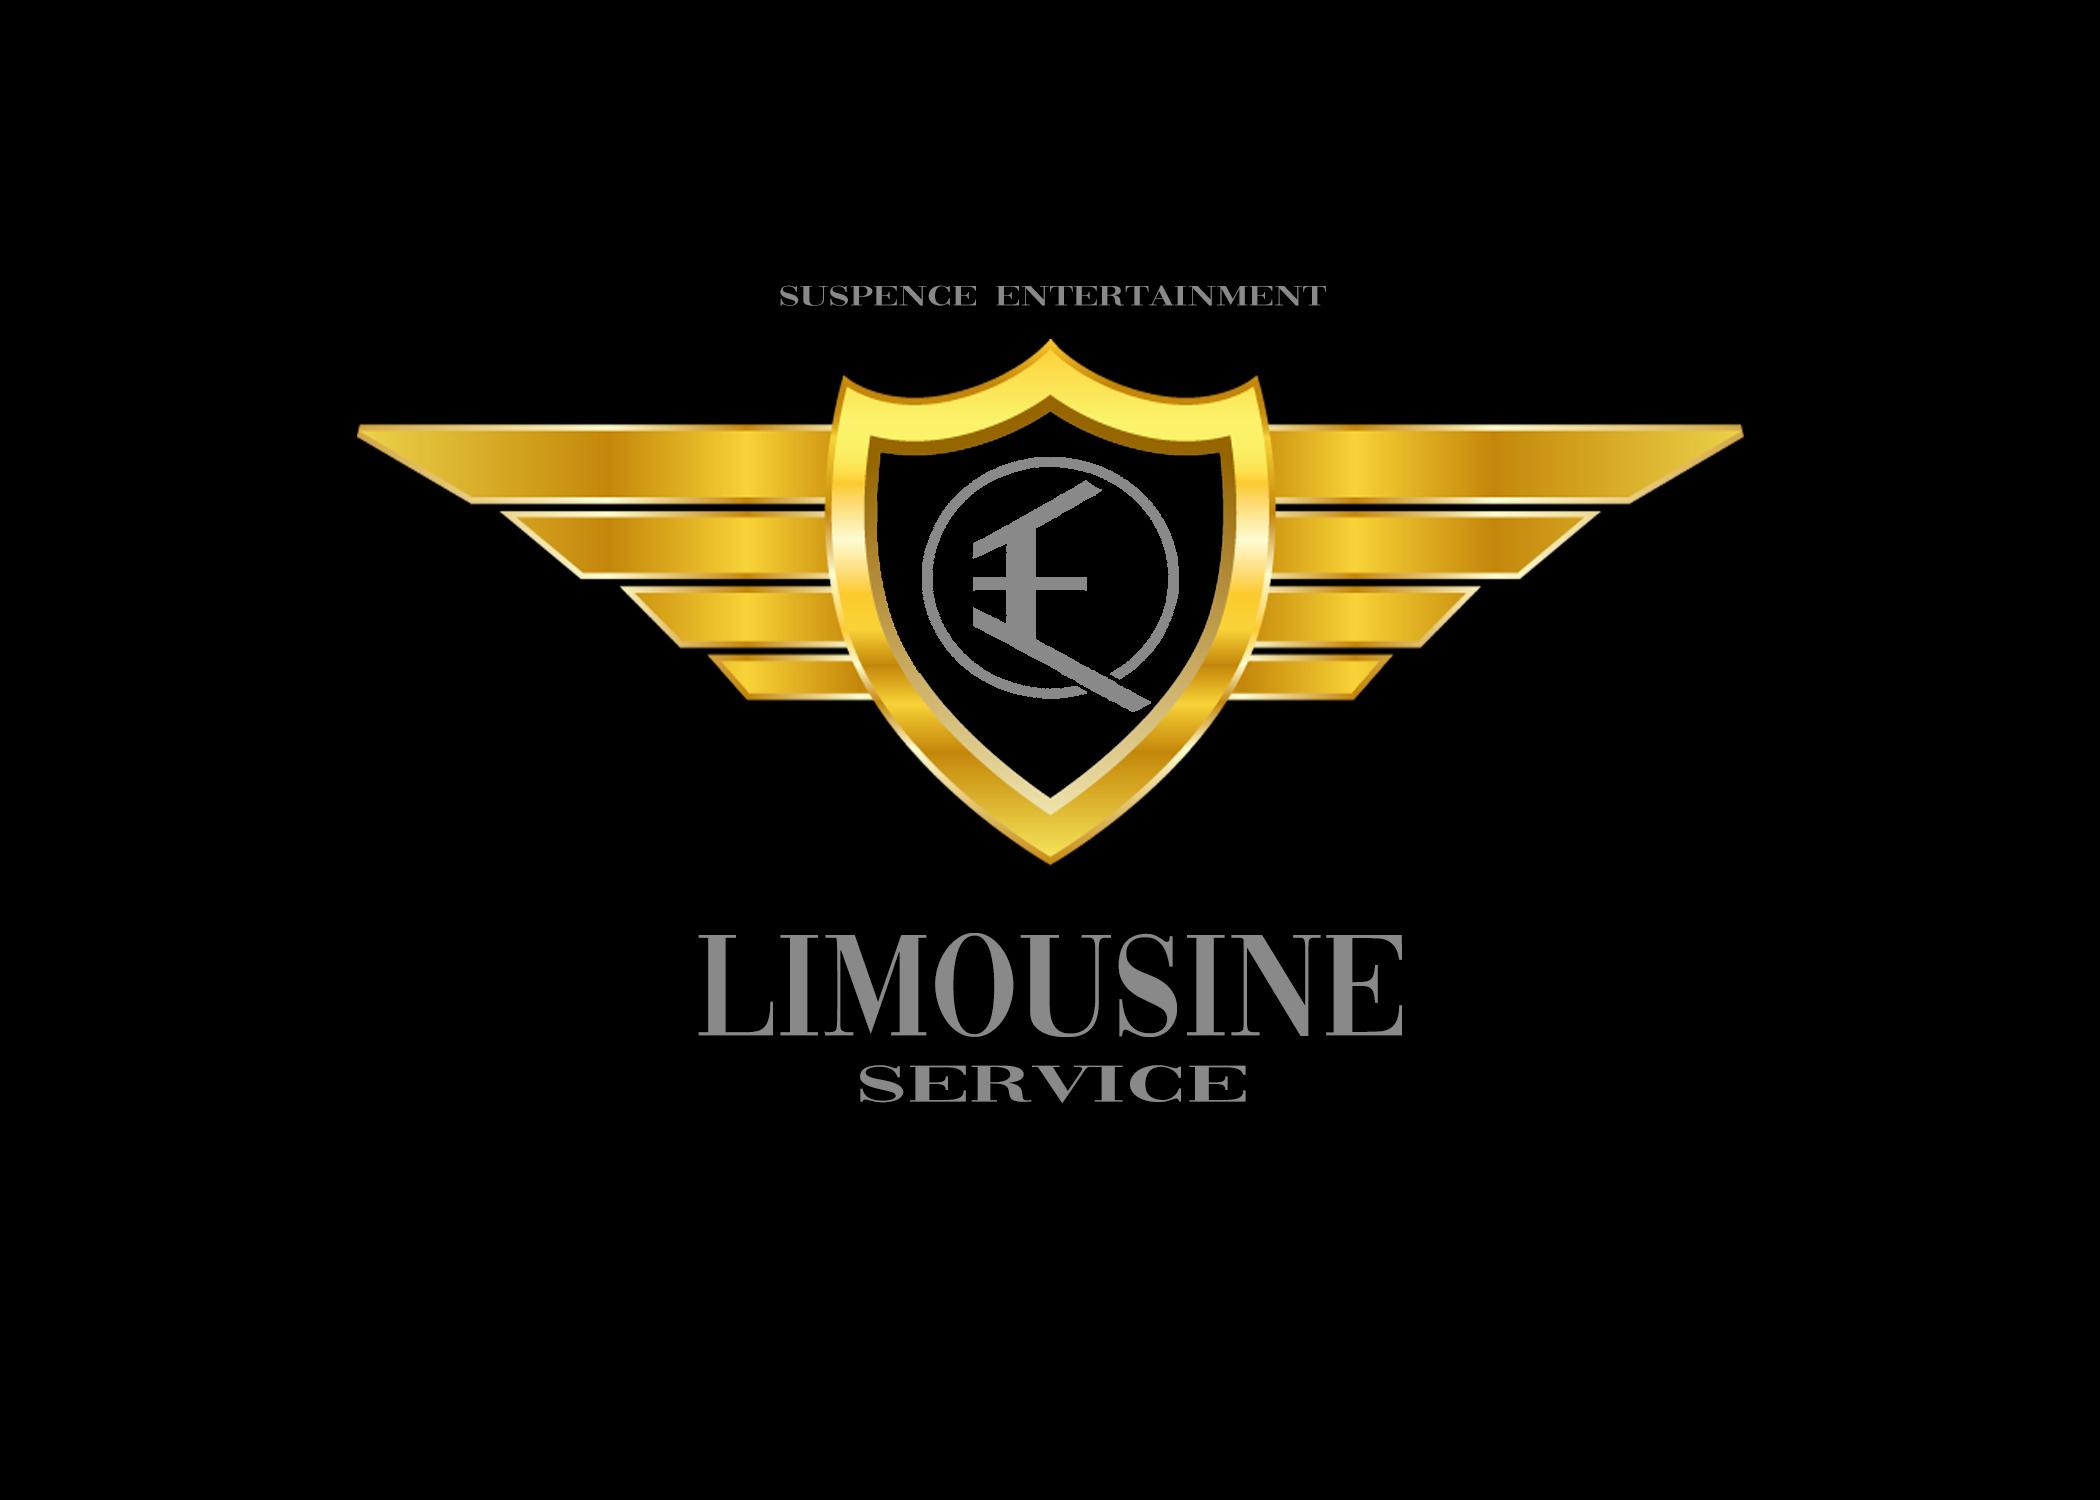 Suspence Entertainment Limousine Service